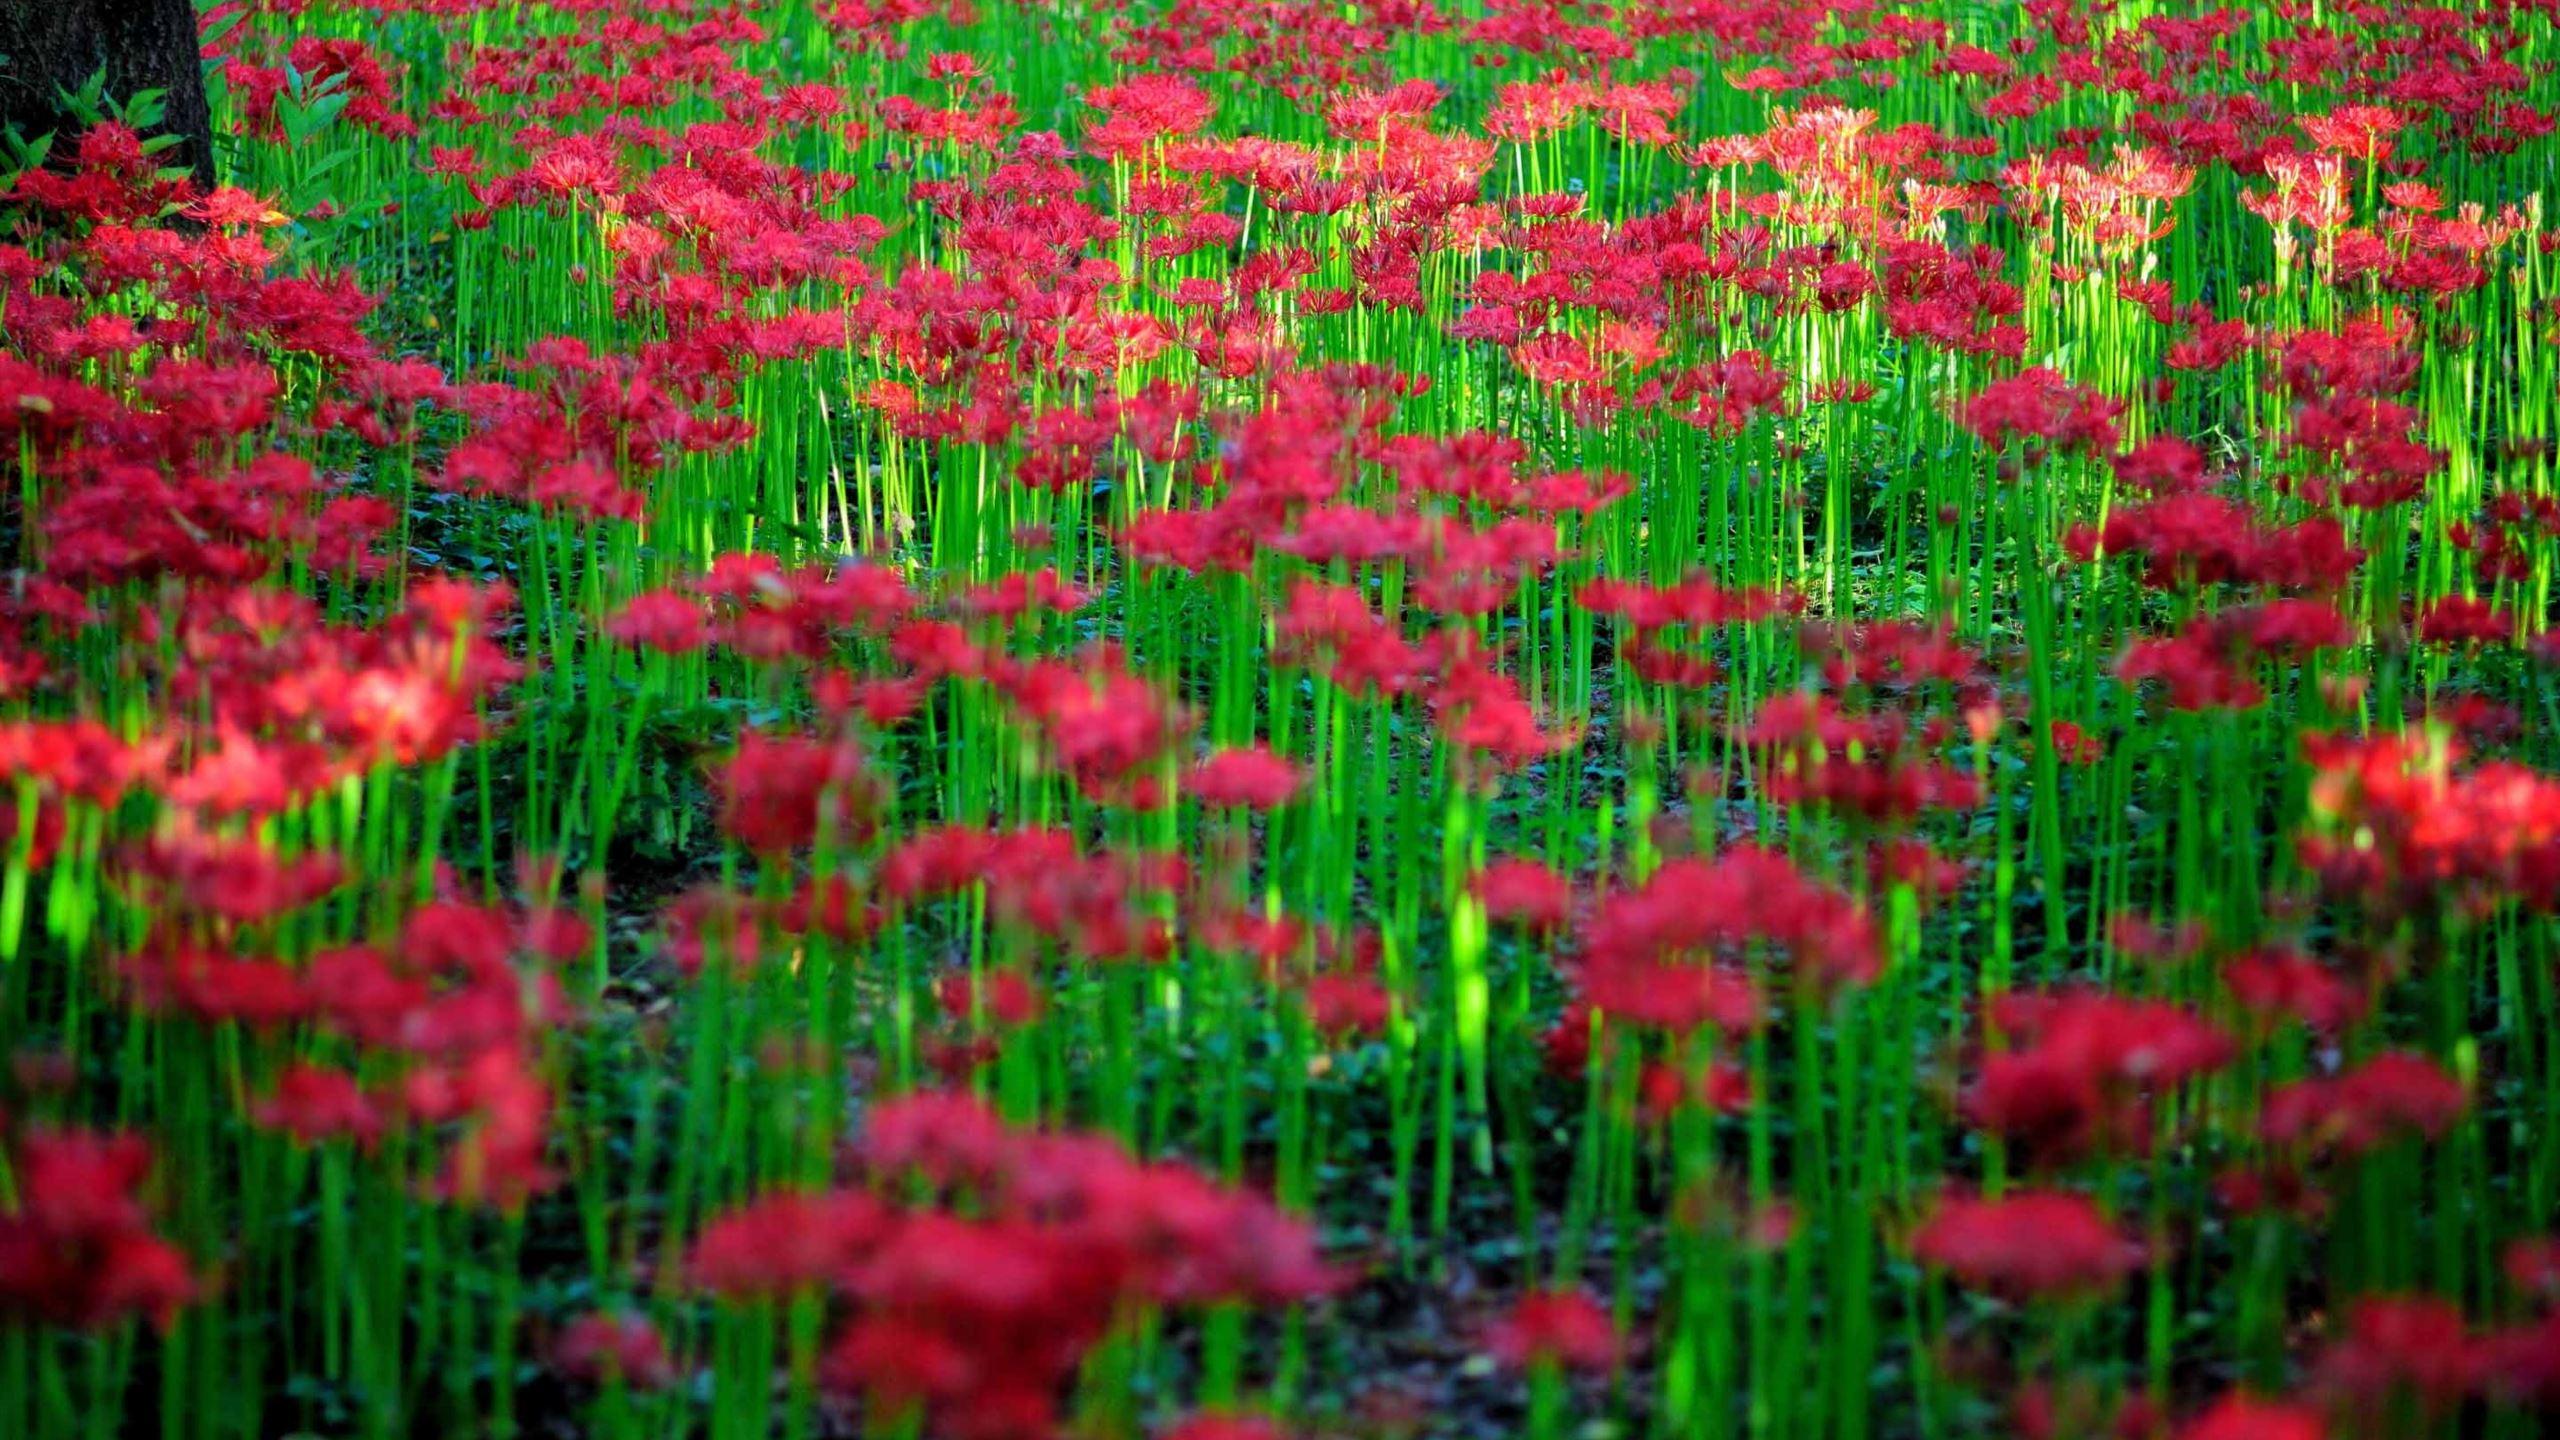 Hình nền cây hoa Bỉ Ngạn